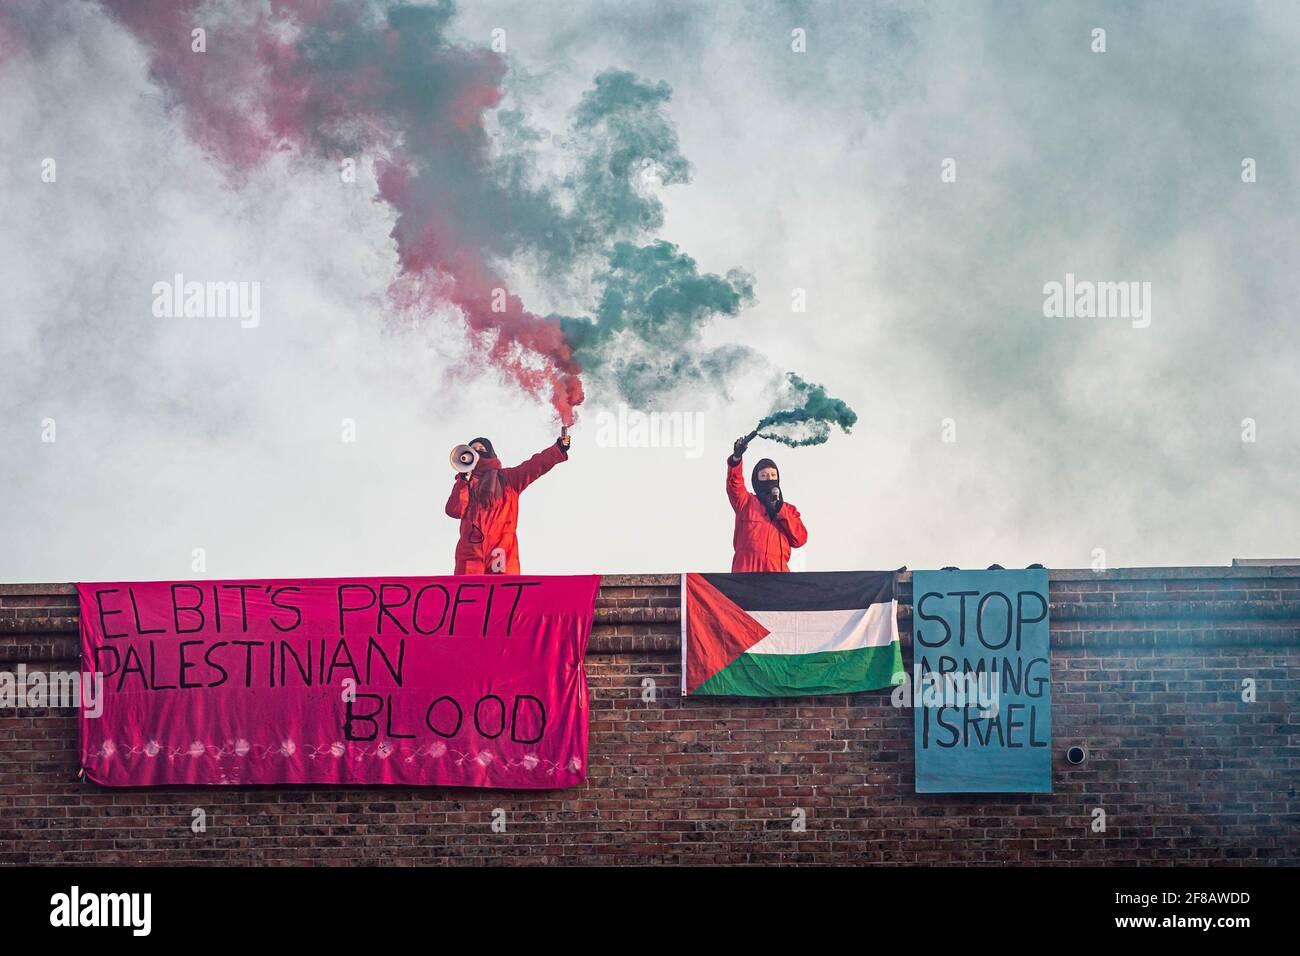 Bristol, Royaume-Uni. 13 avril 2021. Les militants de Palestine action occupent le toit du quartier général de Bristol à Elbit, dans les premières heures de mercredi matin. Des bannières accrochées au toit se lisaient comme suit : « le sang palestinien à but lucratif d'Elbit » et « cessez d'armer Israël ». Aztec West Business Park à Bristol, Royaume-Uni. Crédit: Vladimir Morozov/akxmedia. Credit: Vladimir Morozov/Alamy Live News Banque D'Images